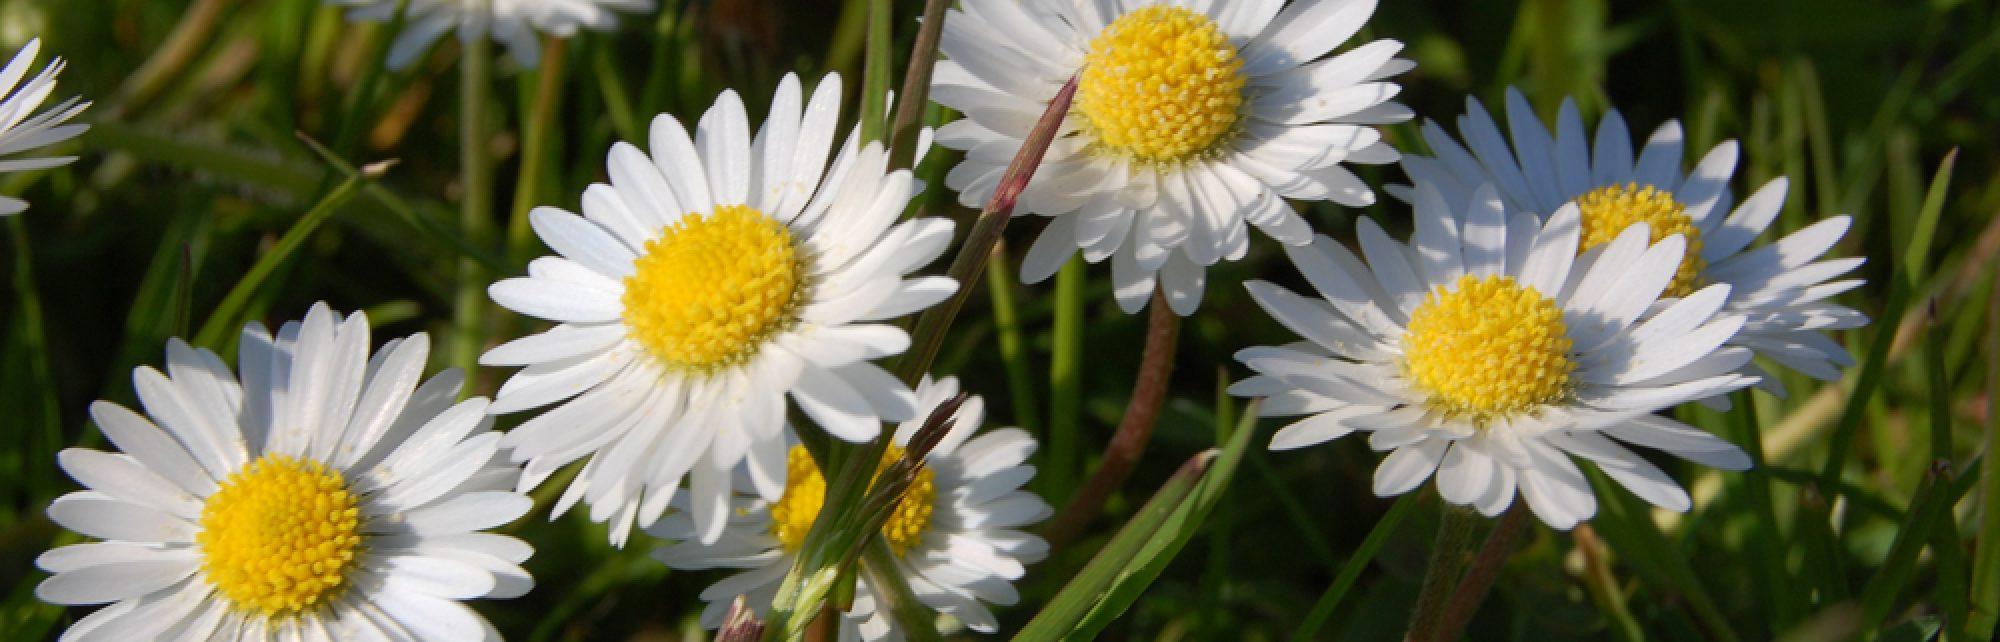 Fleurs qui chantent